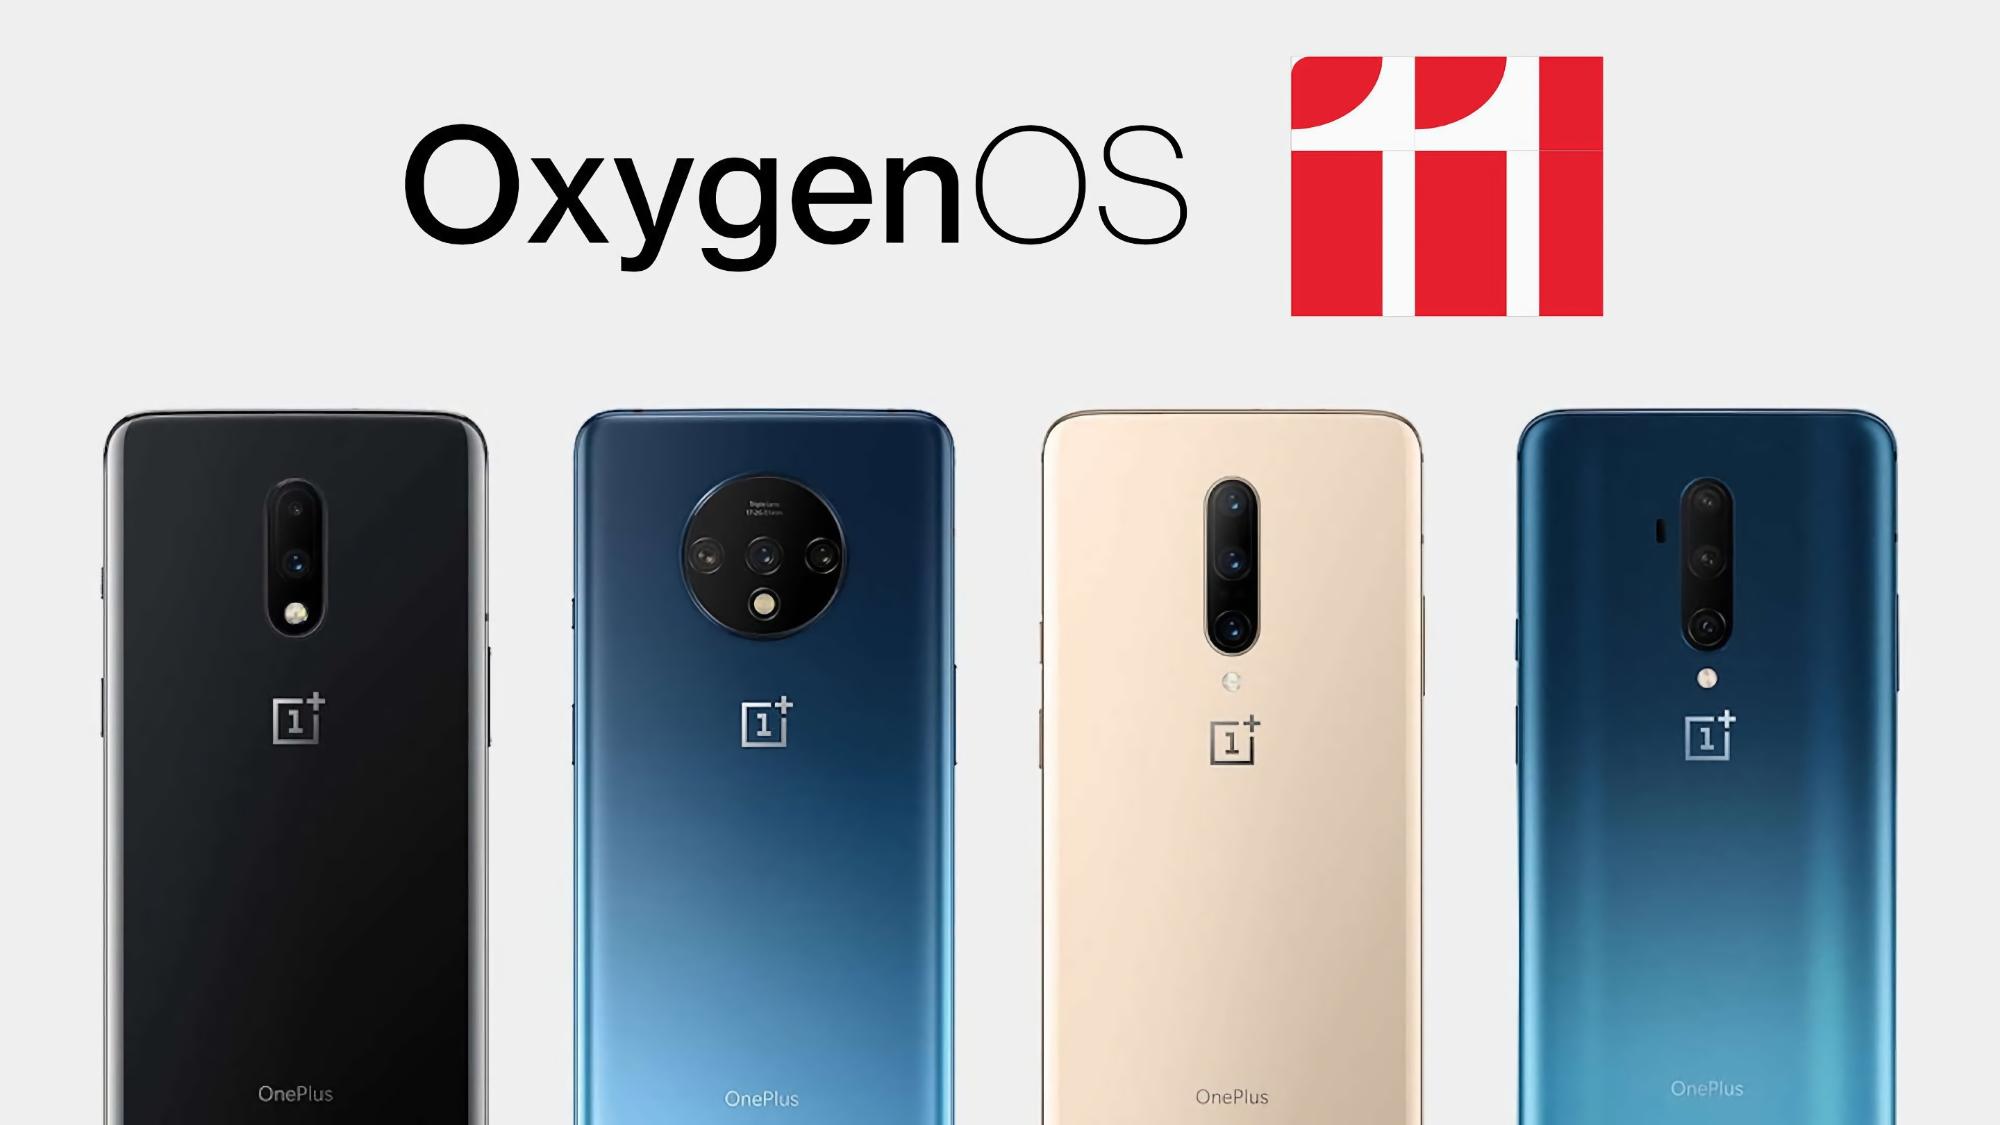 Наконец-то! OnePlus анонсировала стабильную версию Android 11 для OnePlus 7, OnePlus 7 Pro, OnePlus 7T и OnePlus 7T Pro